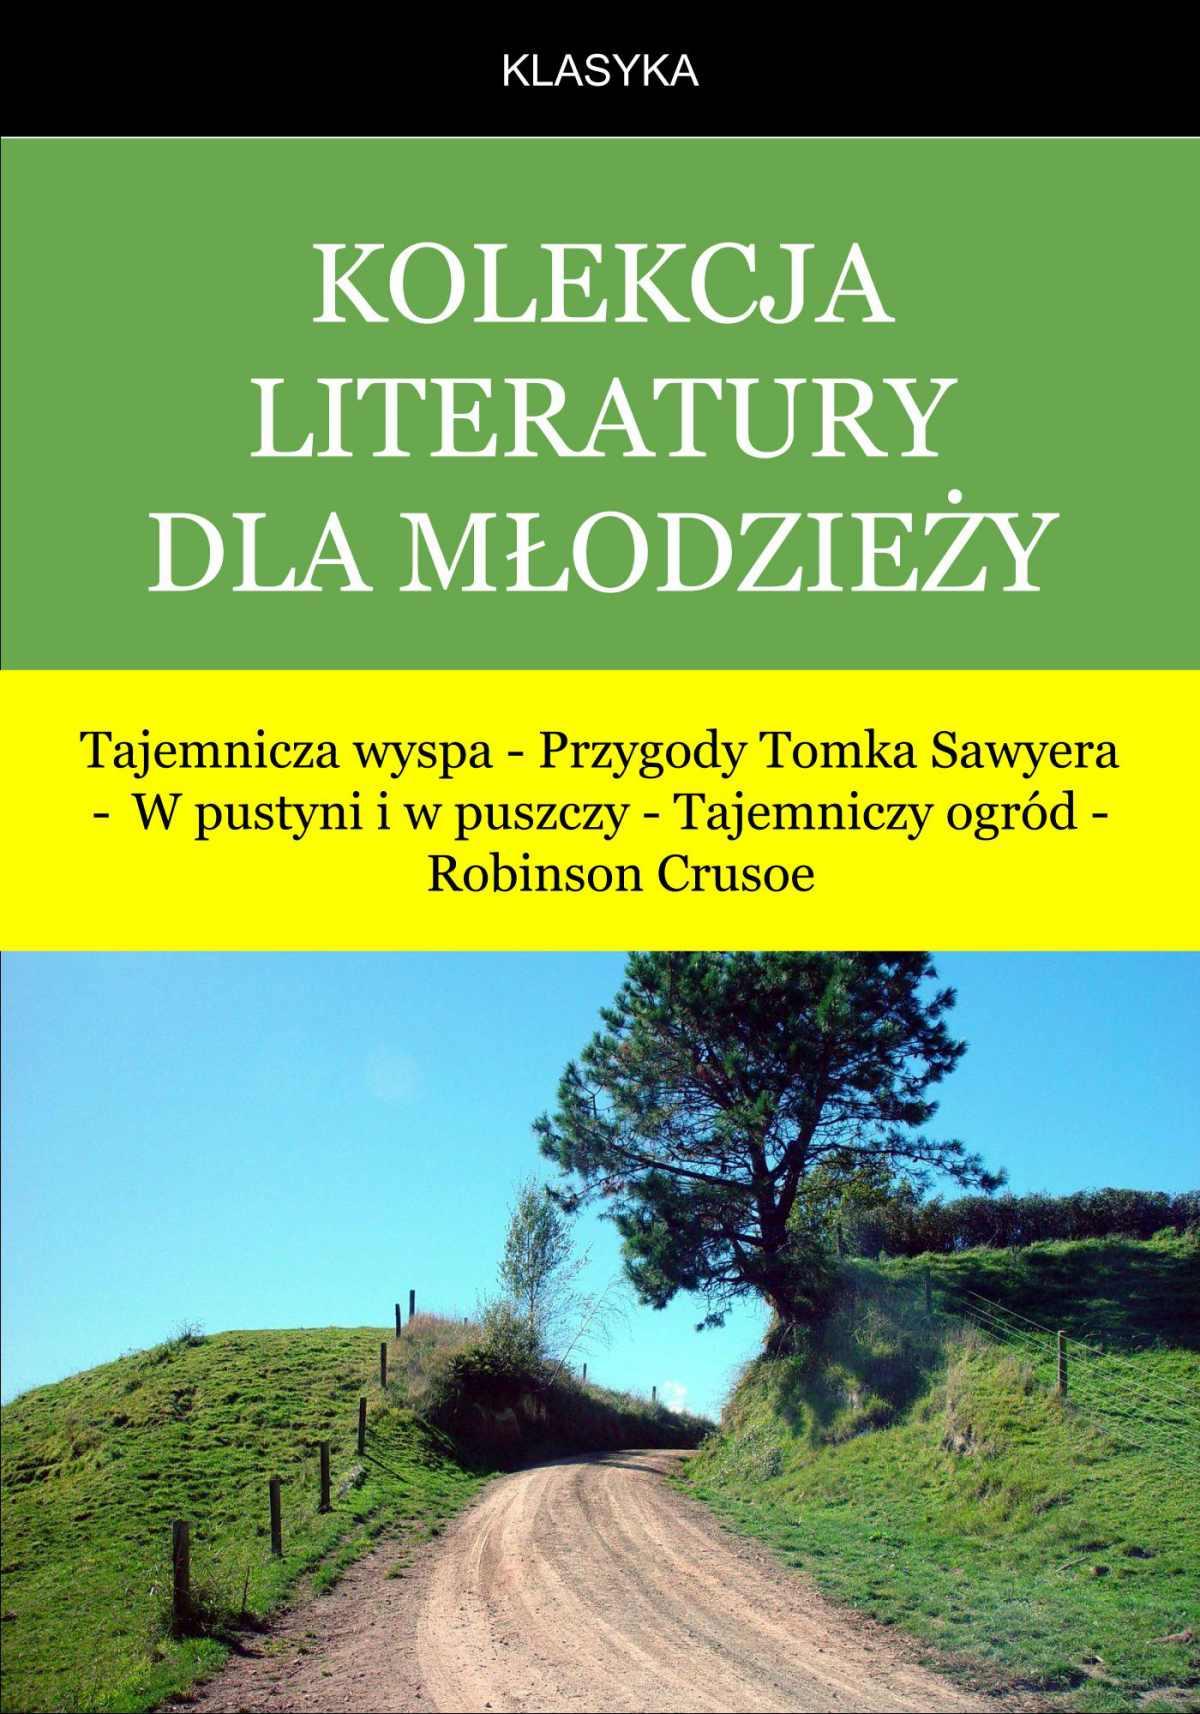 Kolekcja klasyki młodzieżowej - Ebook (Książka na Kindle) do pobrania w formacie MOBI